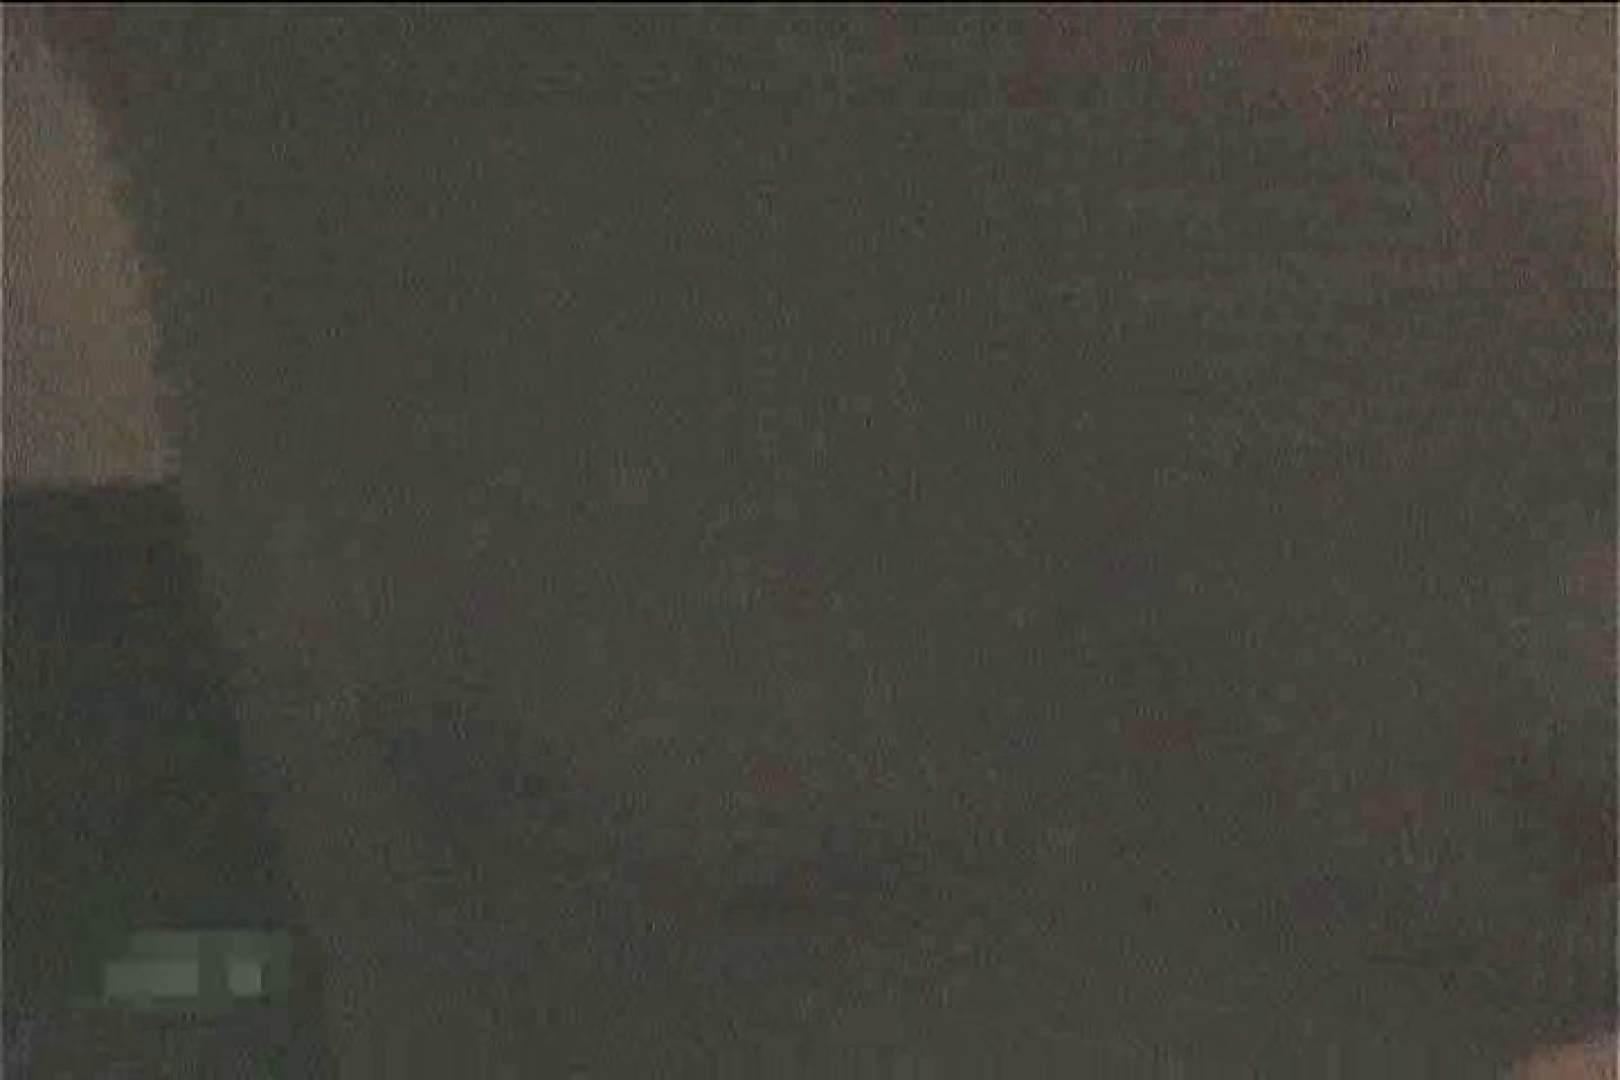 全裸で発情!!家族風呂の実態Vol.3 盗撮特集 おまんこ動画流出 75画像 74